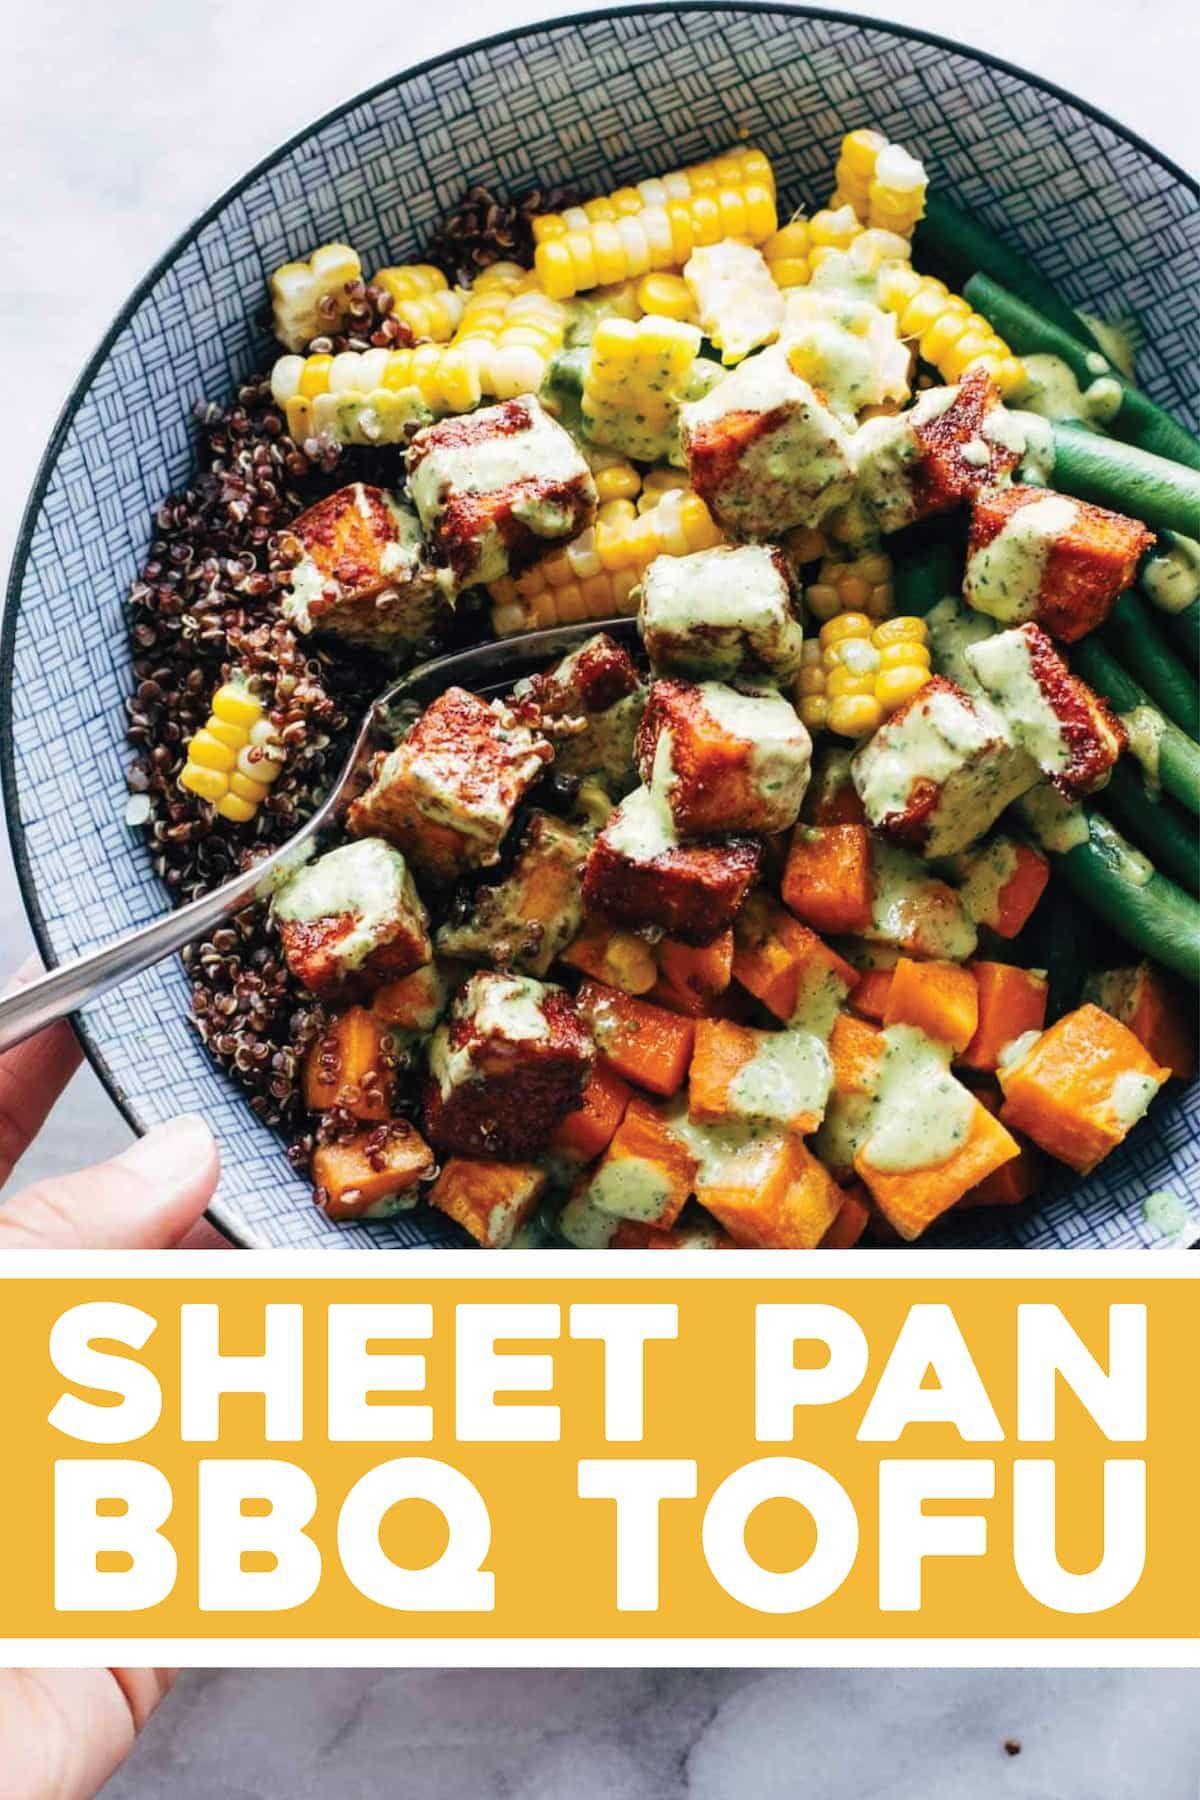 Sheet Pan Bbq Tofu Pinch Of Yum Recipe Bbq Tofu Recipes Sheet Pan Recipes